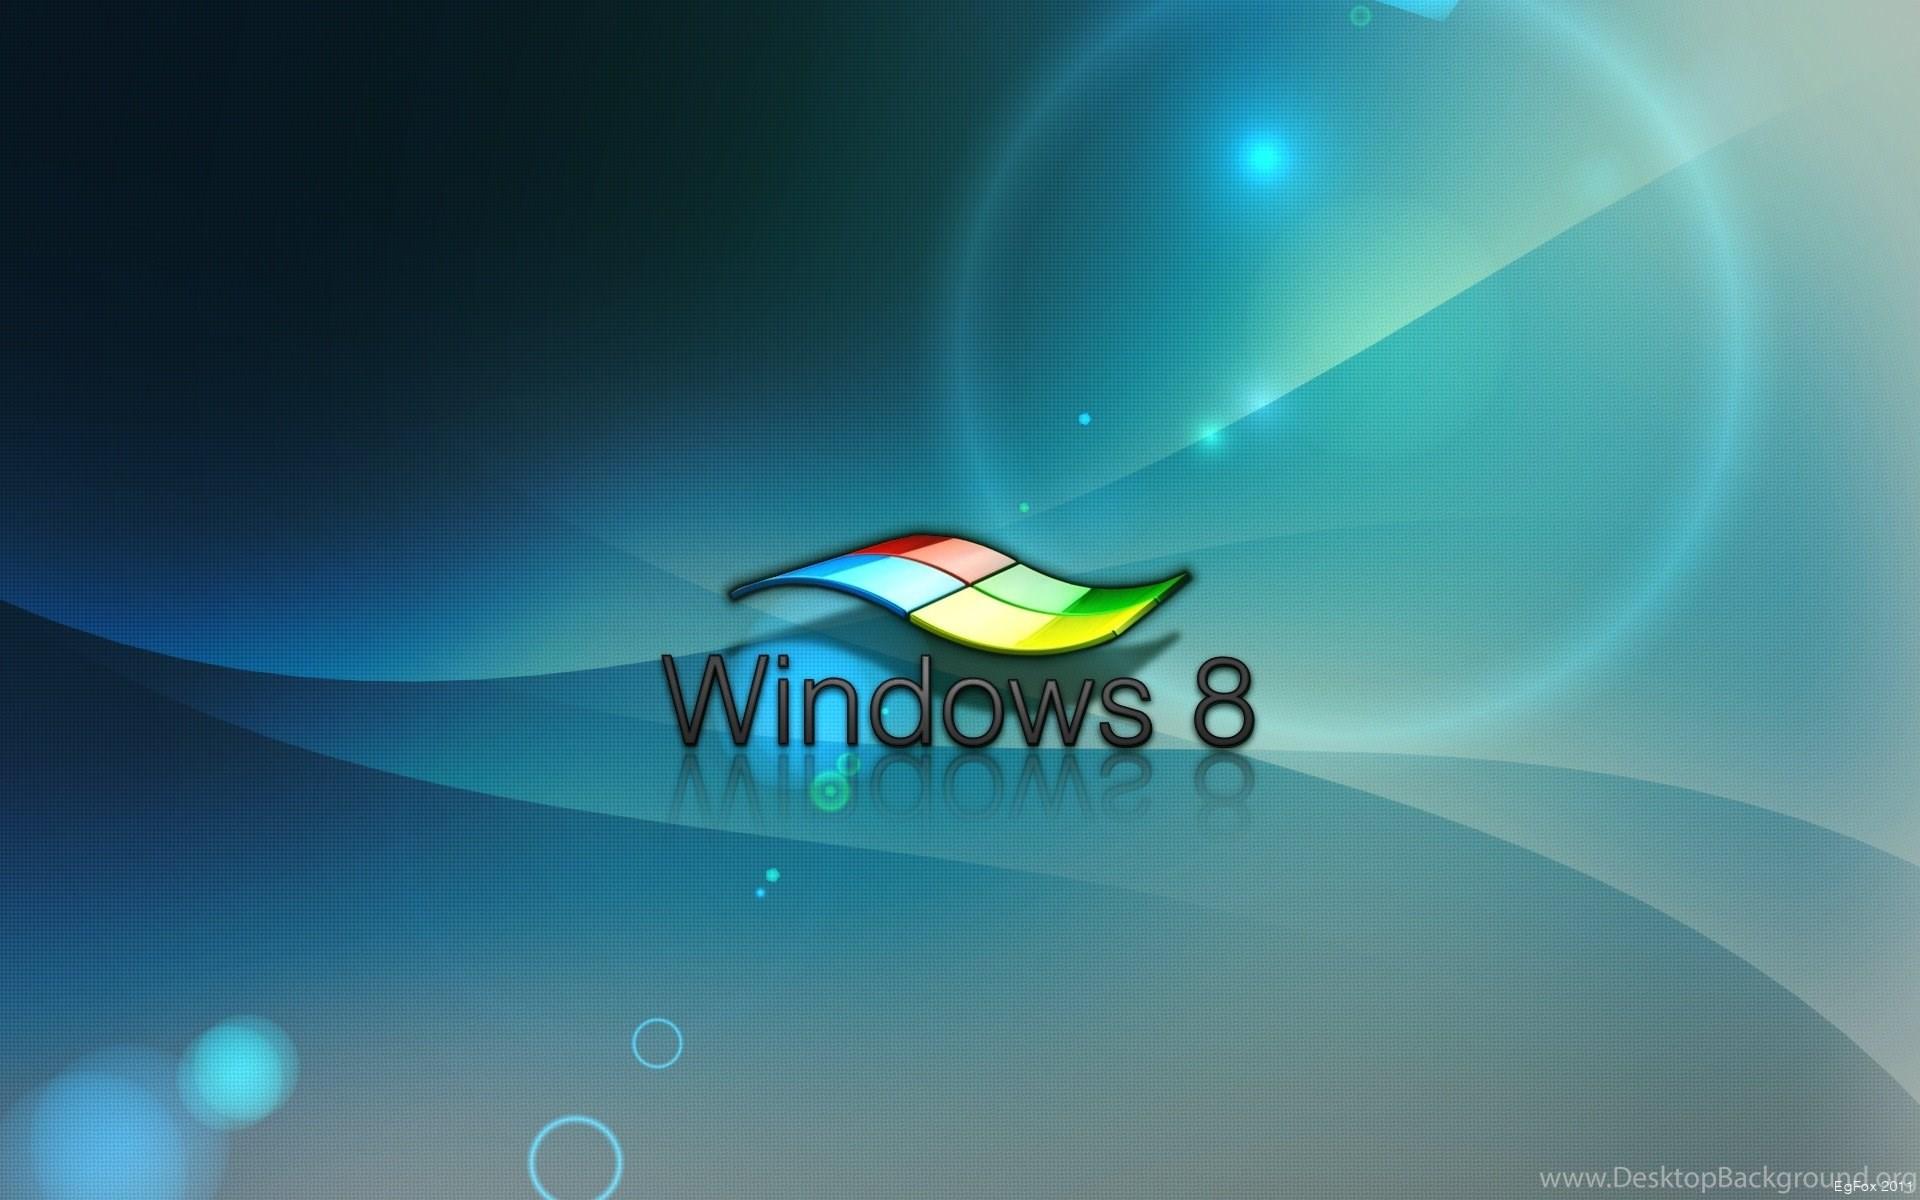 3D Effects Windows 8 Wallpaper 3D HD Wallpaper Effect HD